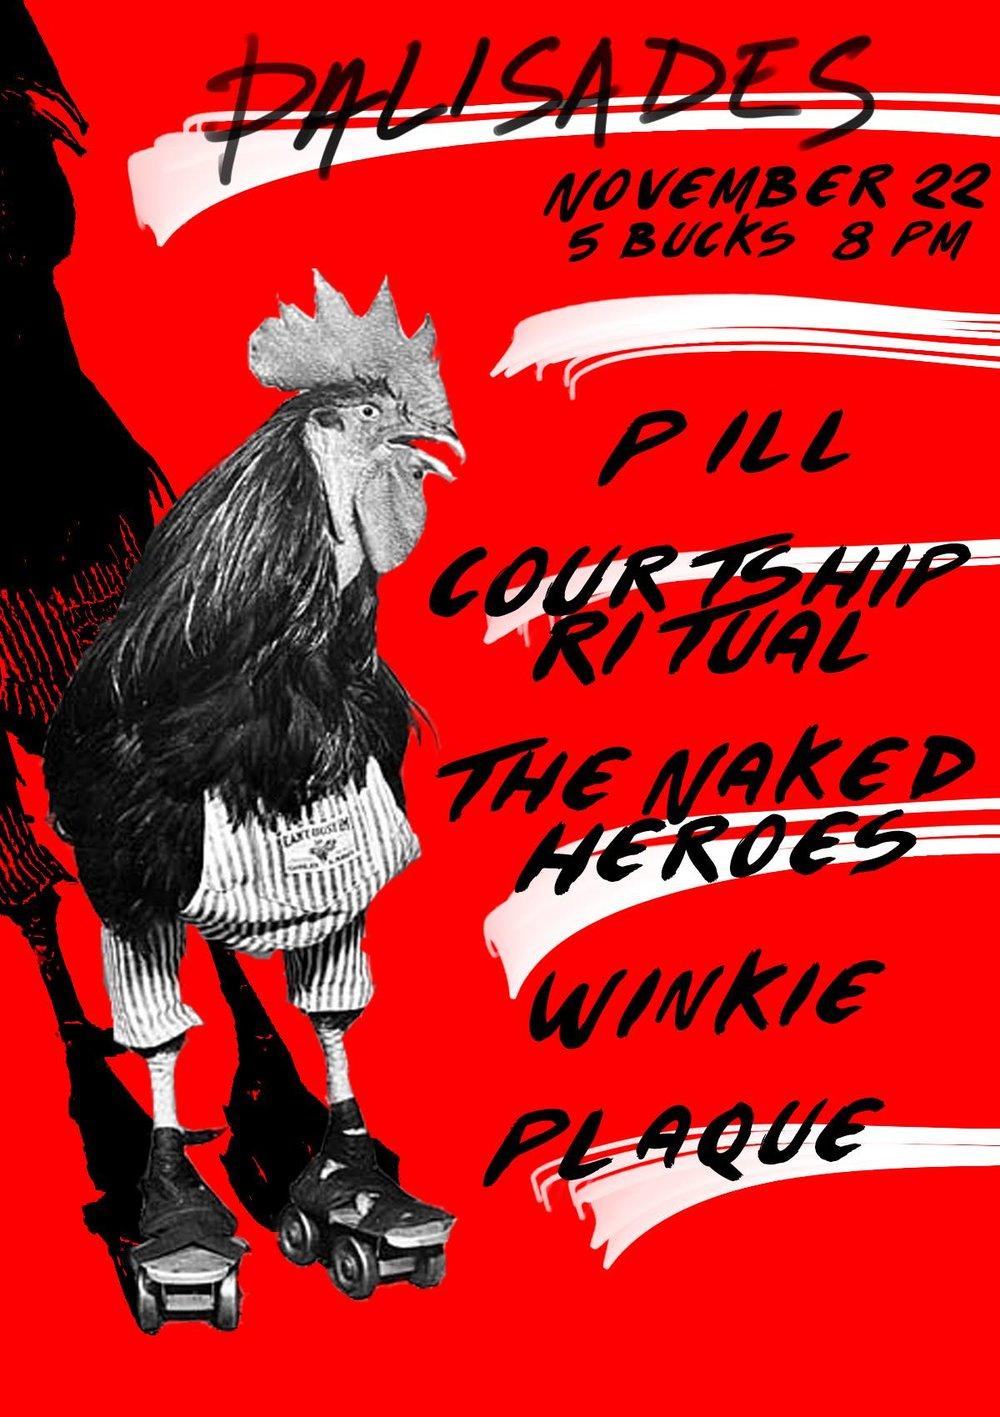 The_Naked_Heroes_Palisades.jpg